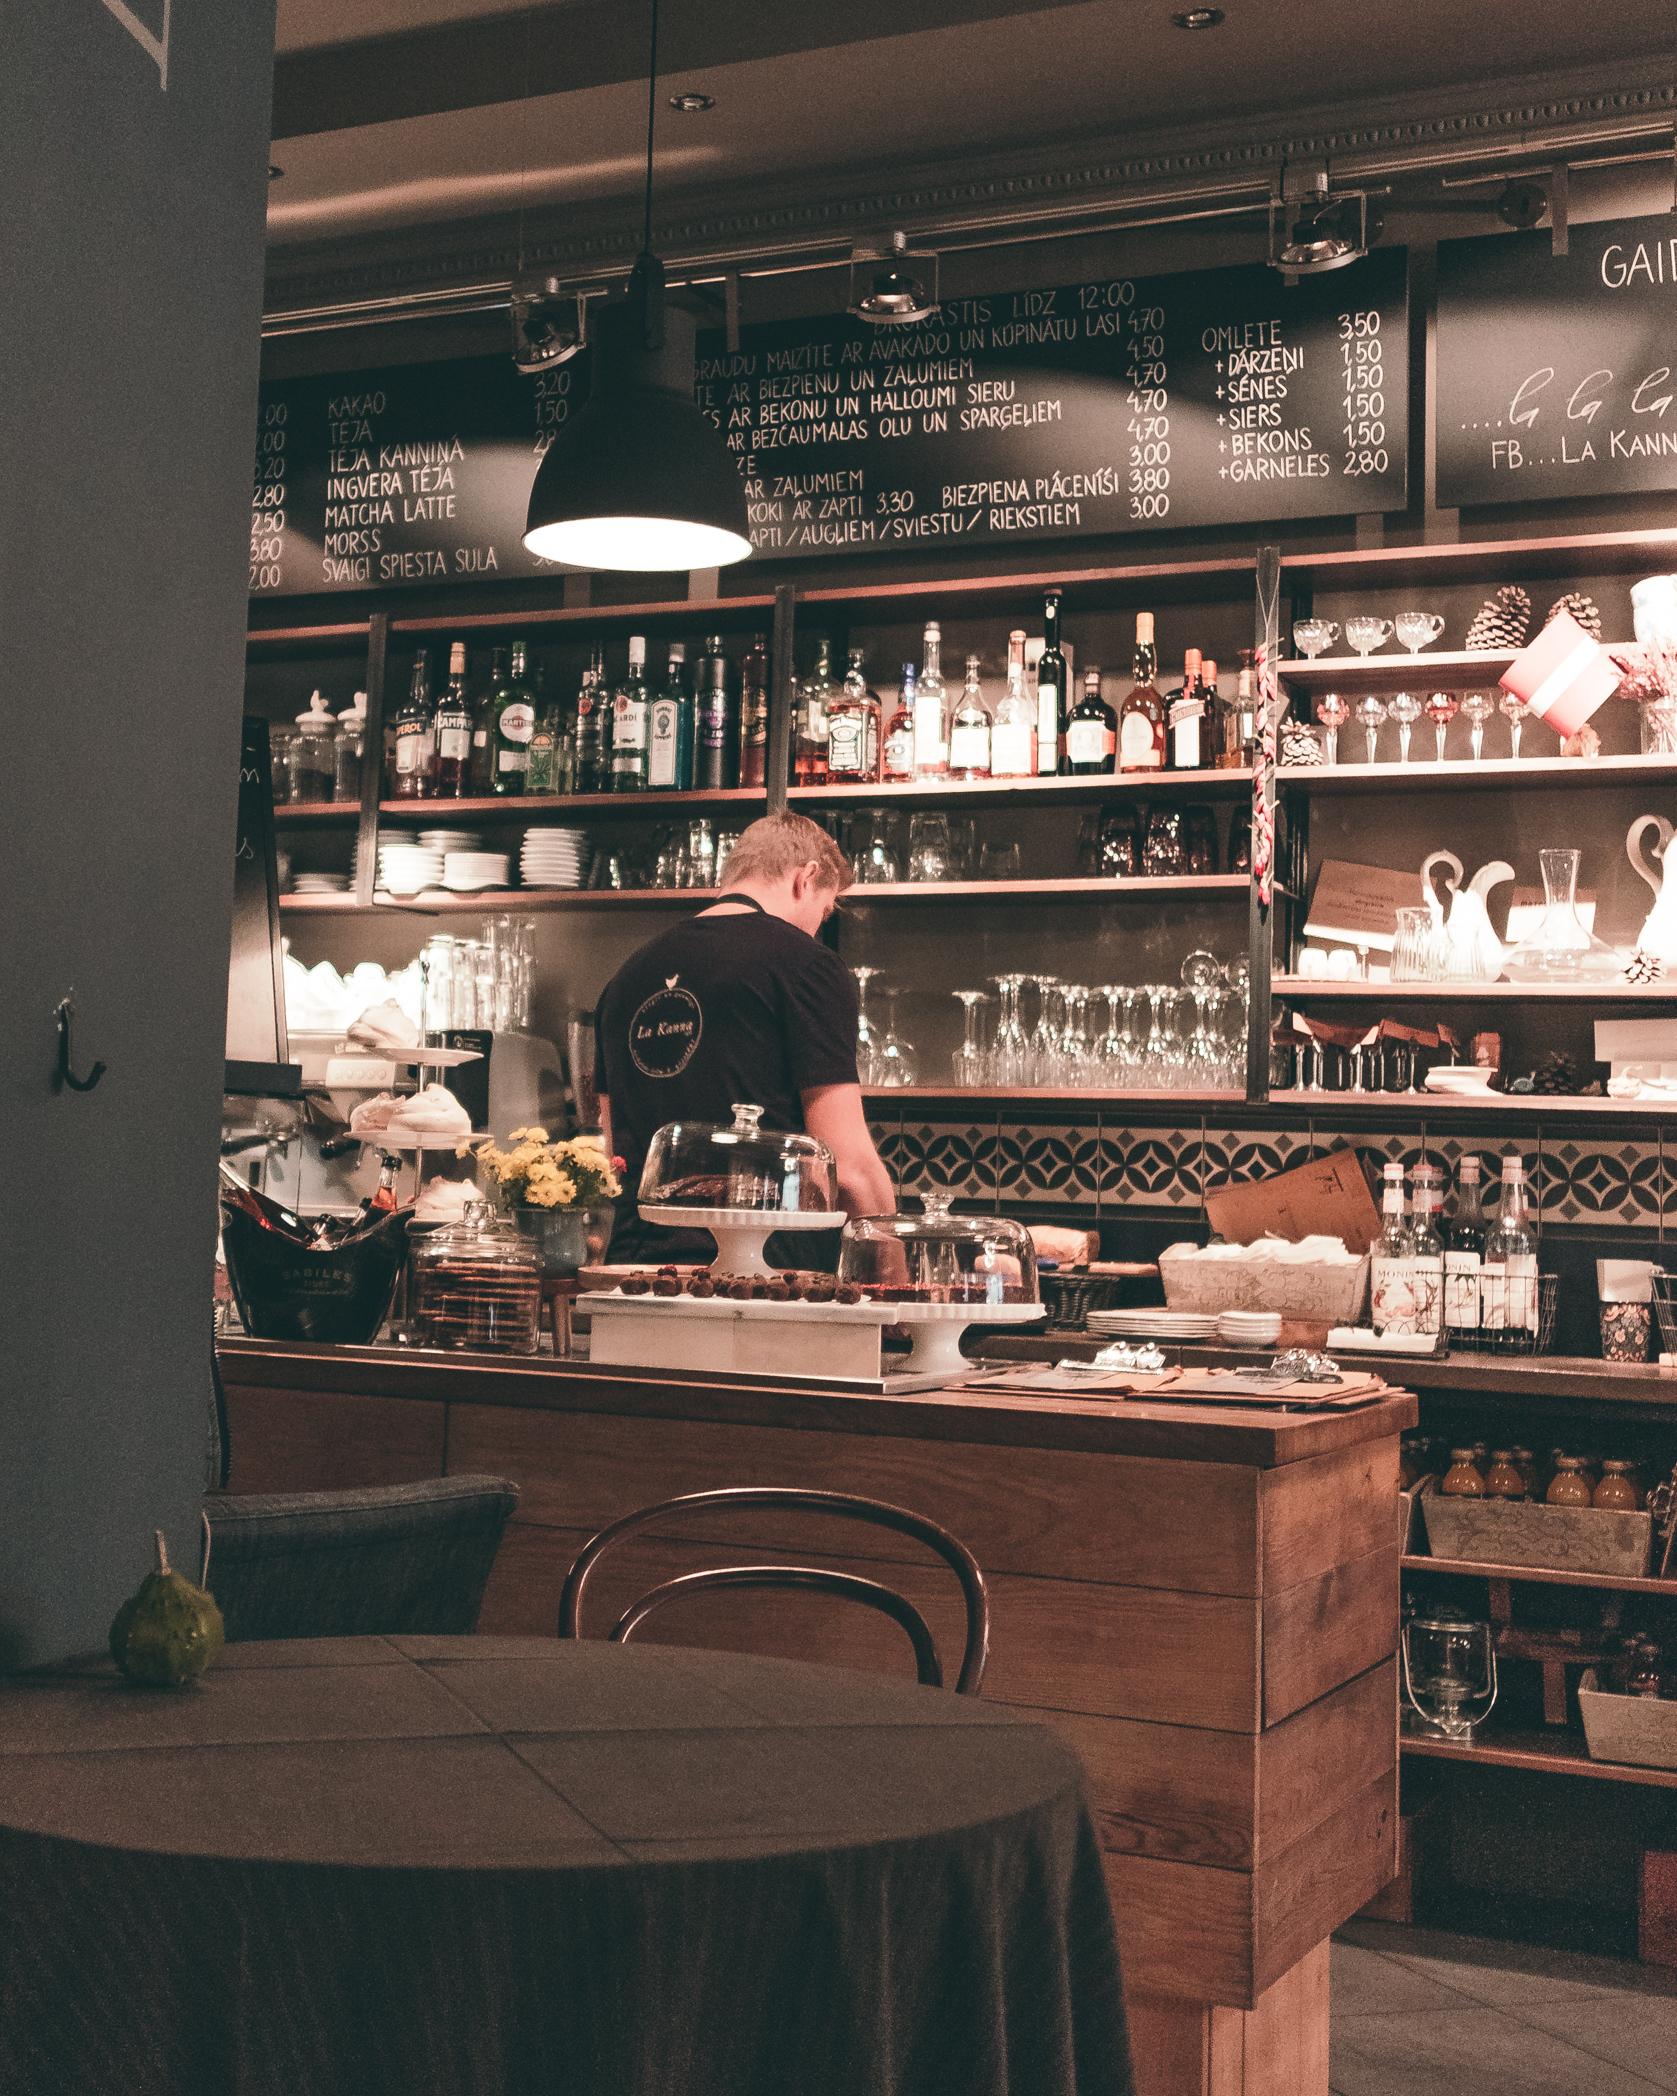 cafe+riga+to do+guide+la kanna